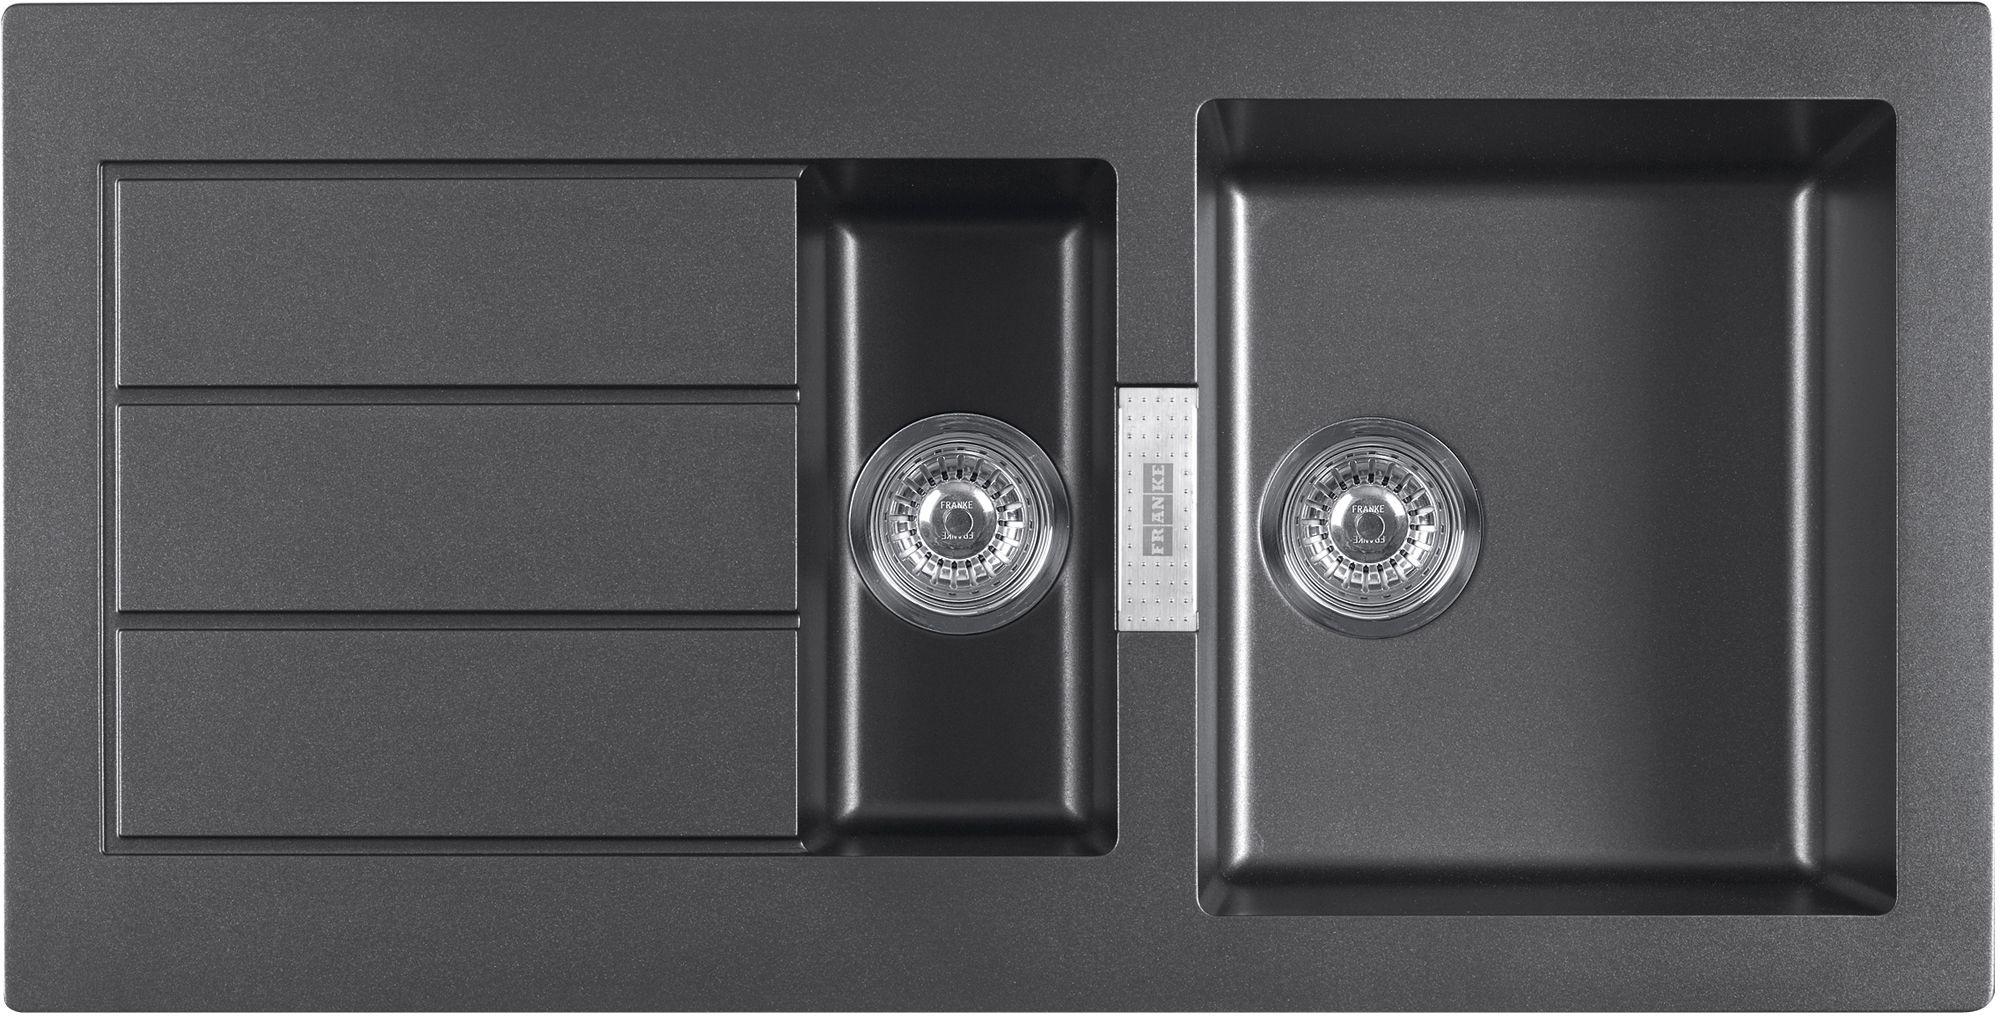 franke sirius 1 5 bowl black composite 1 5 kitchen sink   departments   diy at b u0026q franke sirius 1 5 bowl black composite 1 5 kitchen sink      rh   diy com